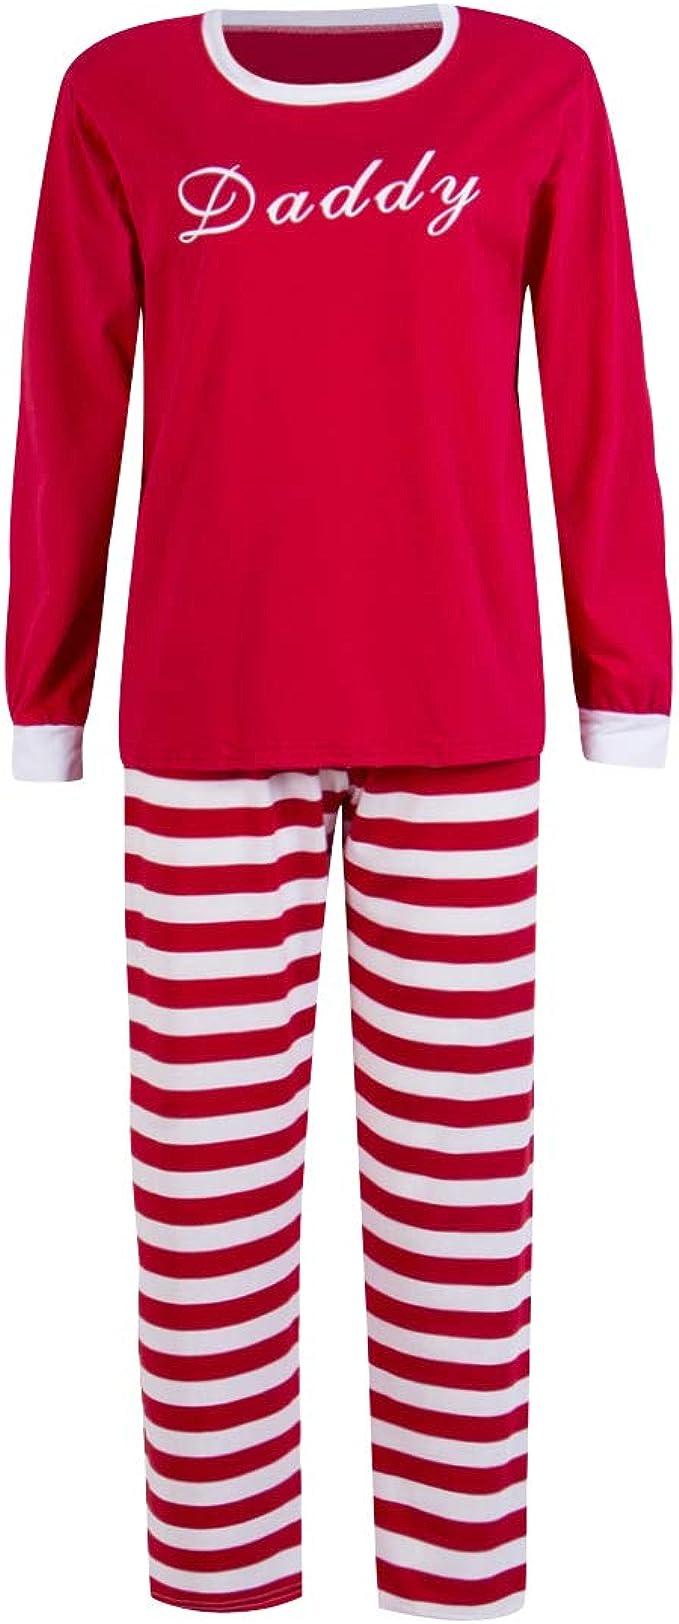 Pijamas Familiares Navideñas Pijama Rayas Navidad Familia Conjuntos Navideños Mujer Niños Niña Hombre Adultos Trajes para Navidad Pijama Caballero ...